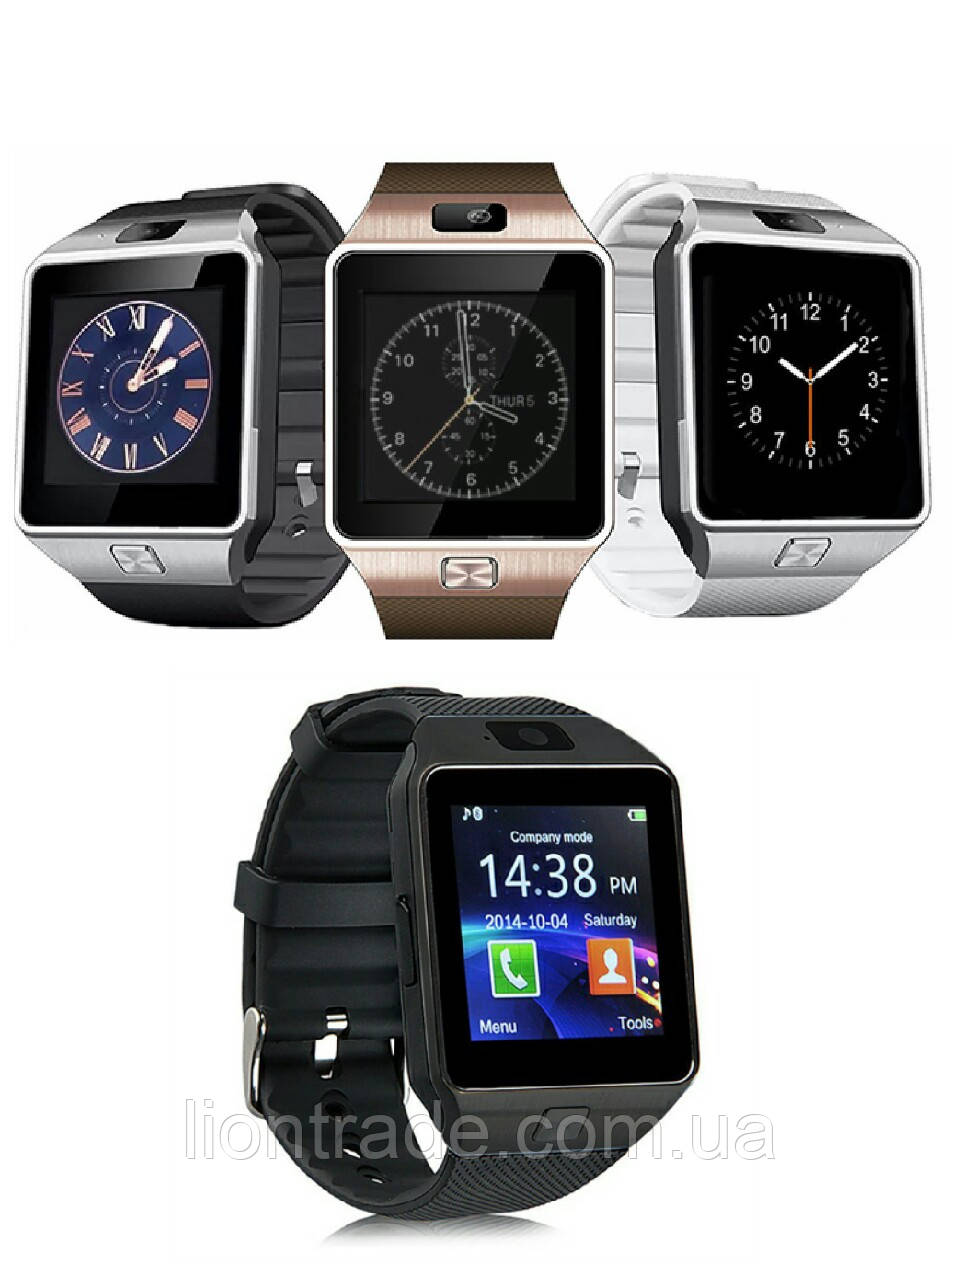 Умные часы smart watch and phone цена